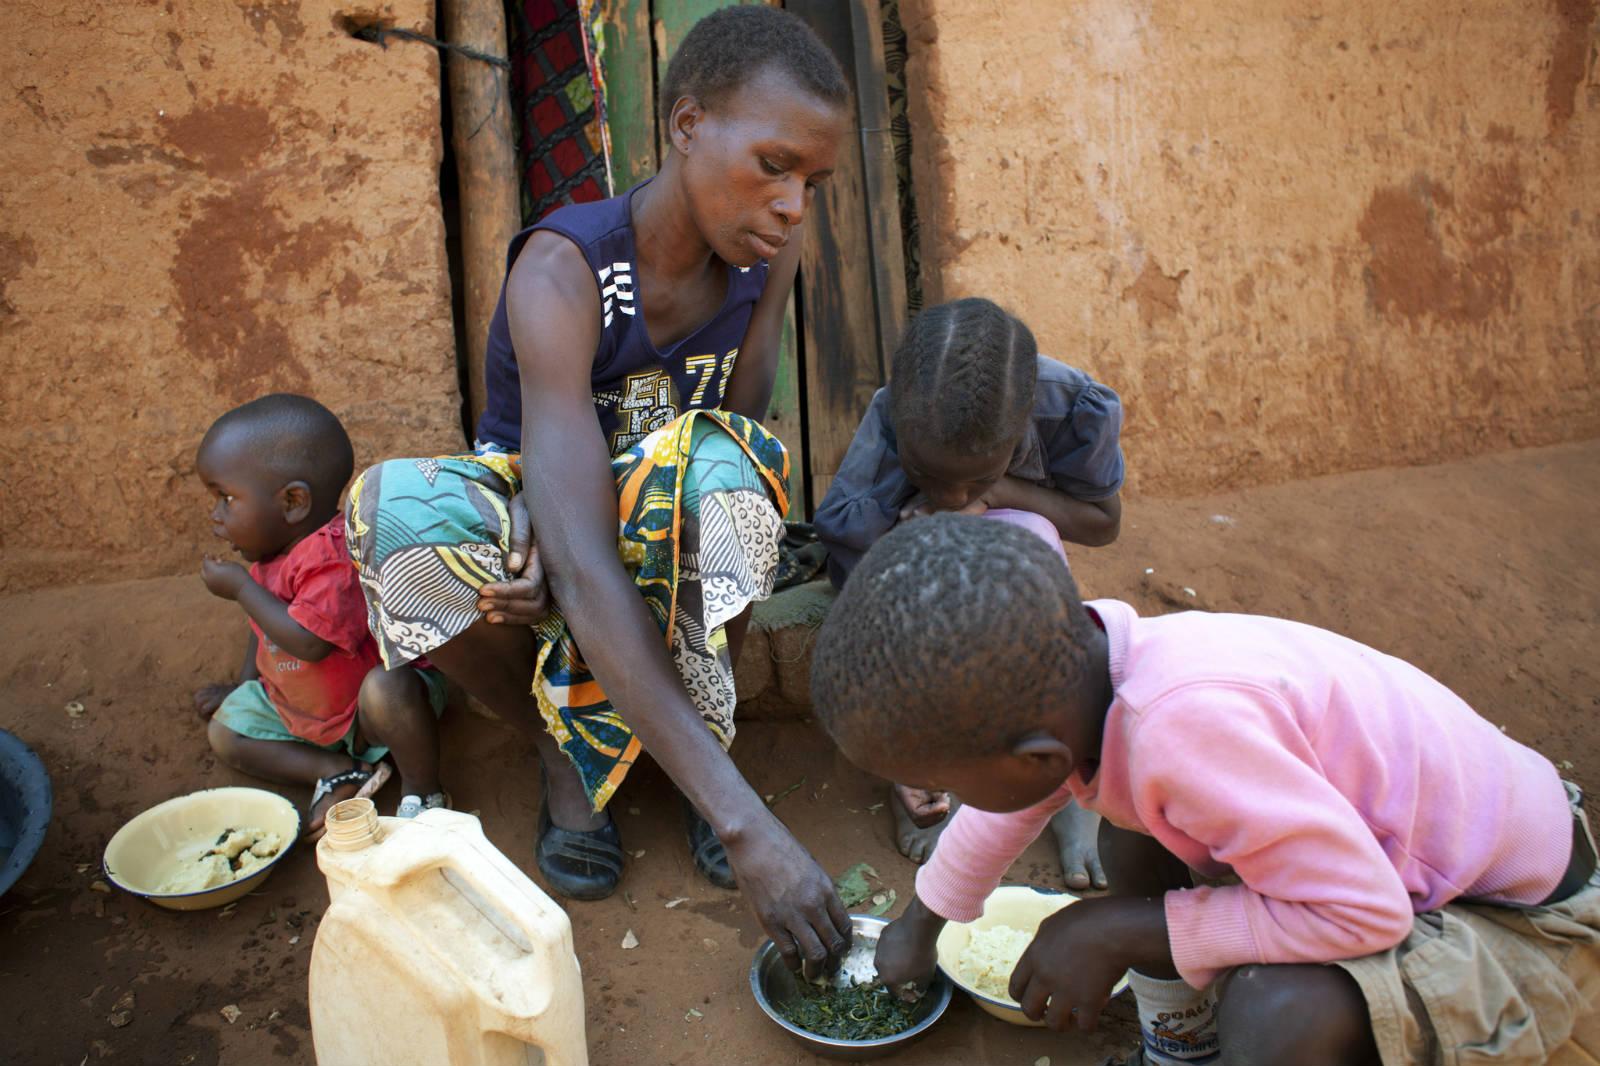 生活在贊比亞的芭芭拉,為灌溉農作物每天要步行四小時來取水,可惜辛苦工作仍未能賺取足夠收入令兒子入學。 (Abbie Trayler-Smith/樂施會)